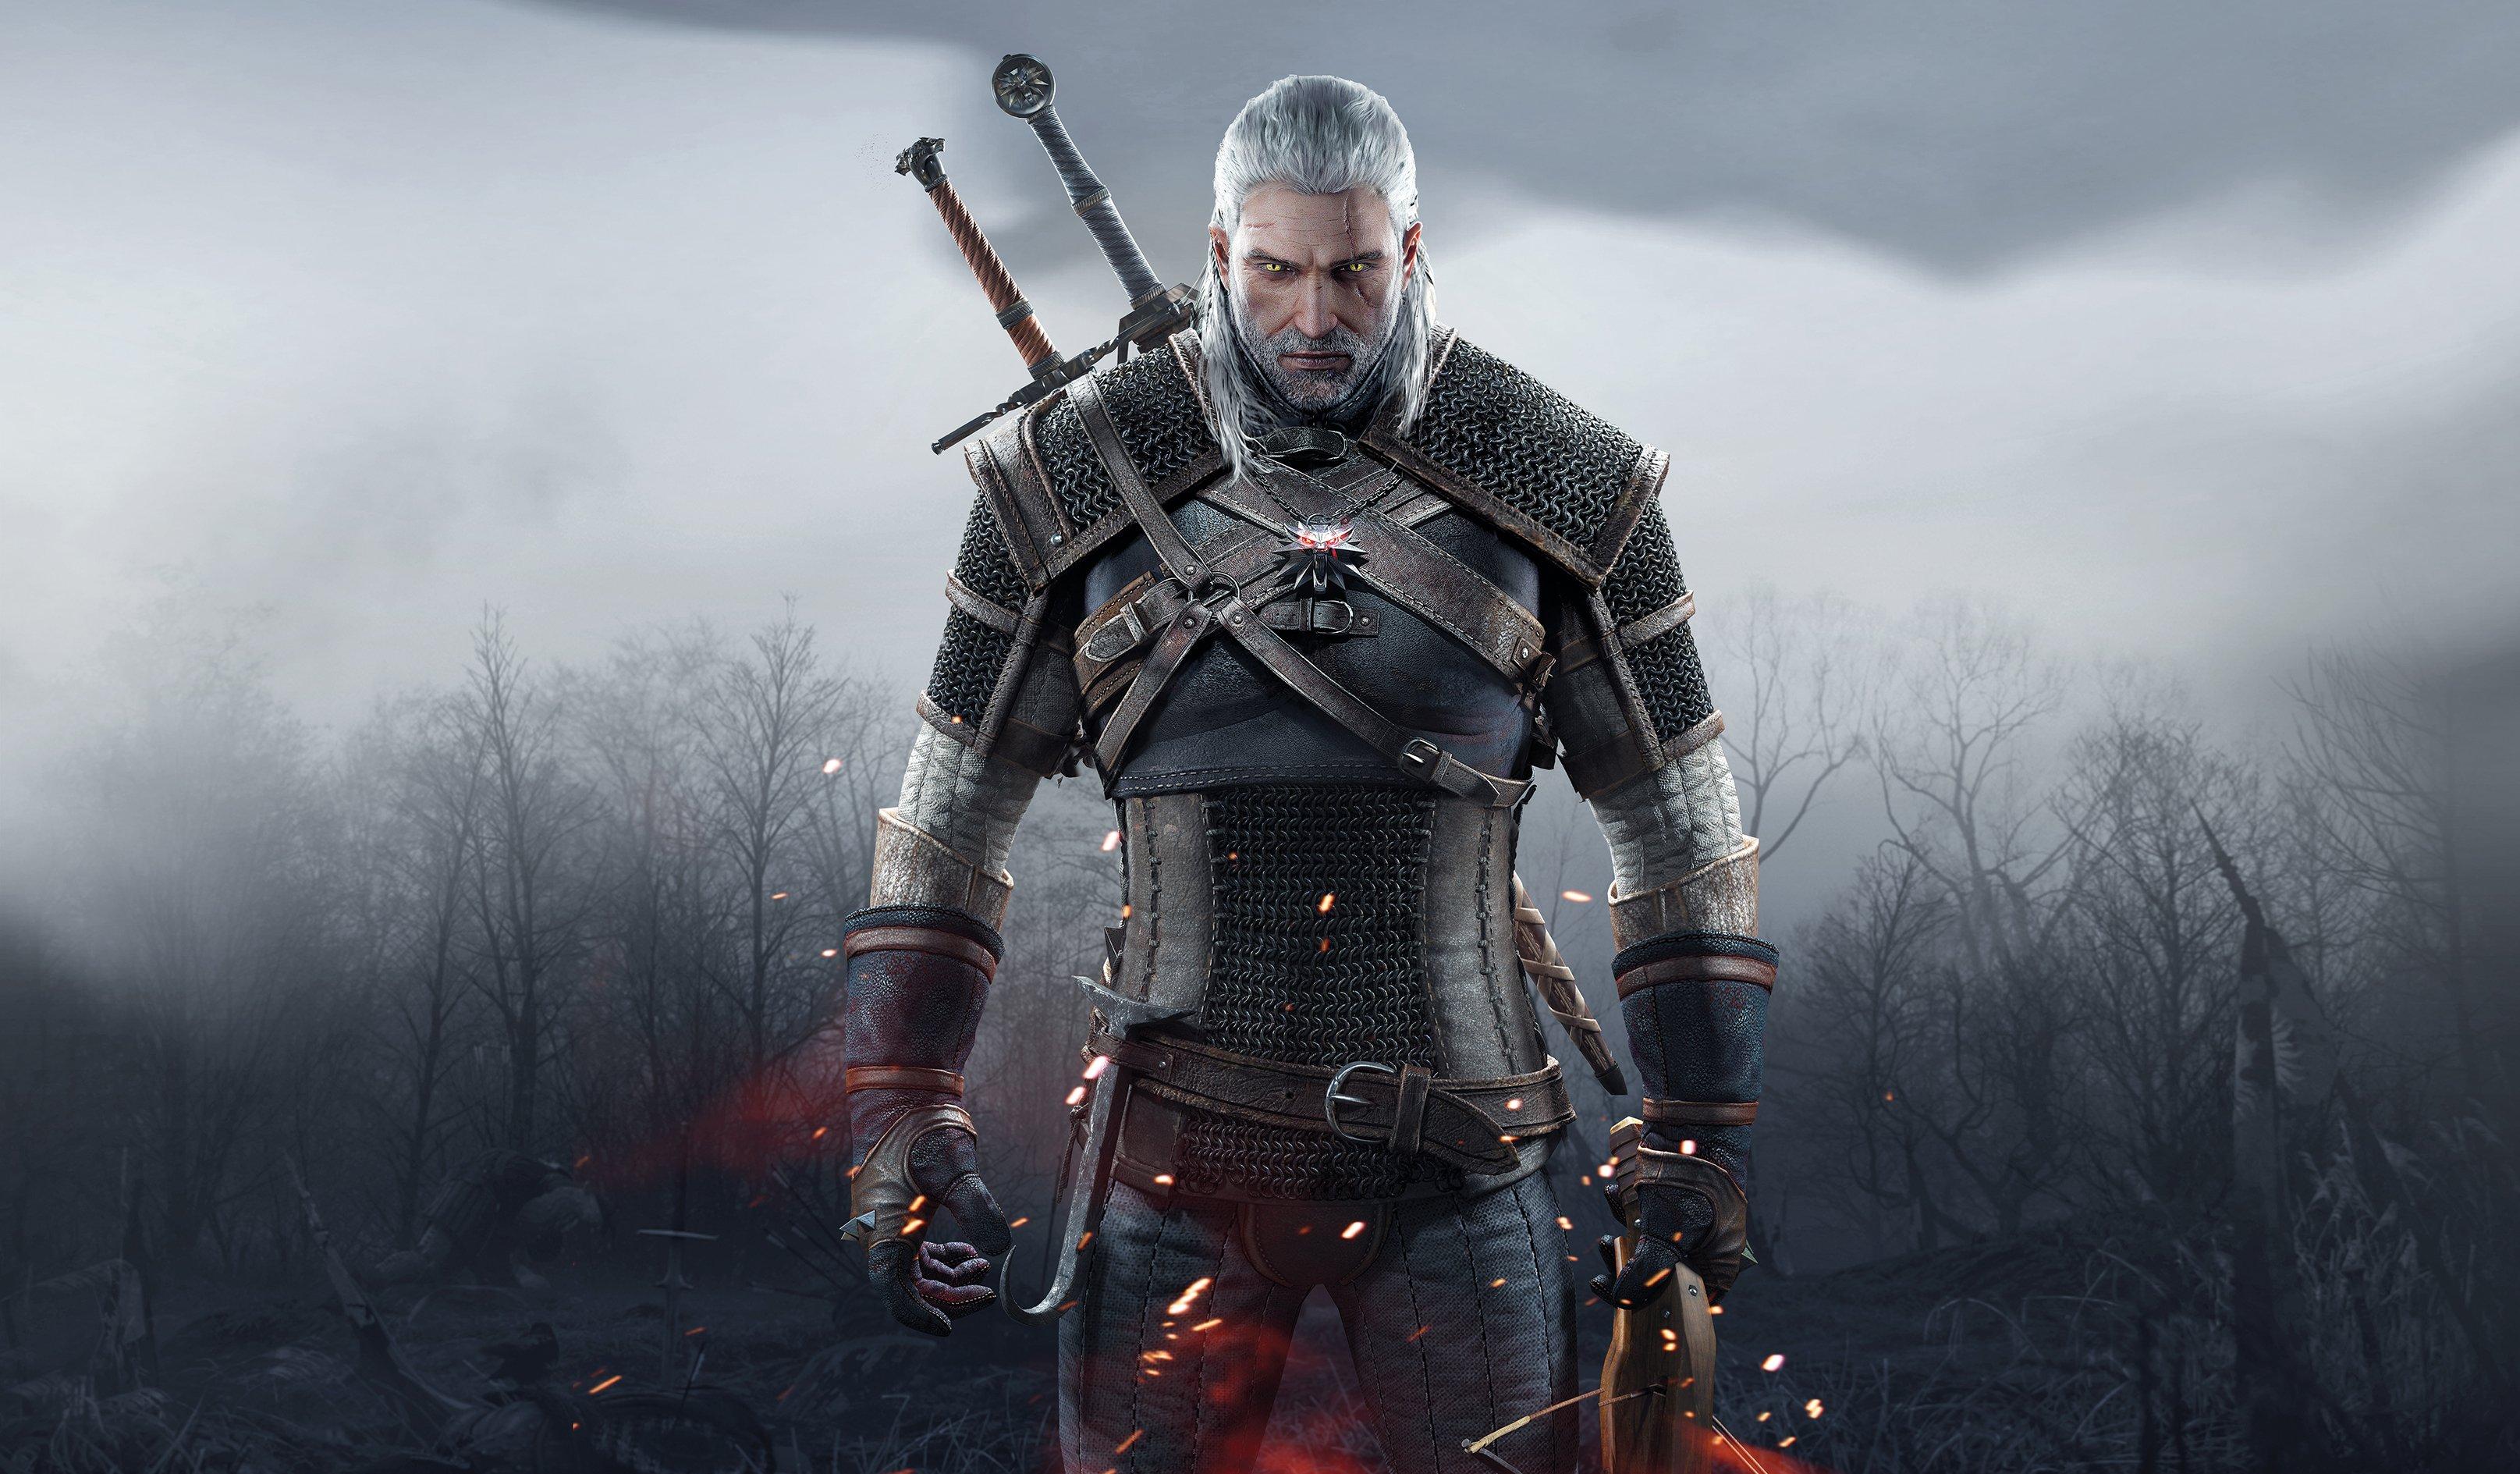 The Witcher 3: Wild Hunt. Оценки!  GameSpot — 10/10  Одна из лучших игр в истории  GameGuru - 10/10 Gameswelt - 10/ ... - Изображение 7